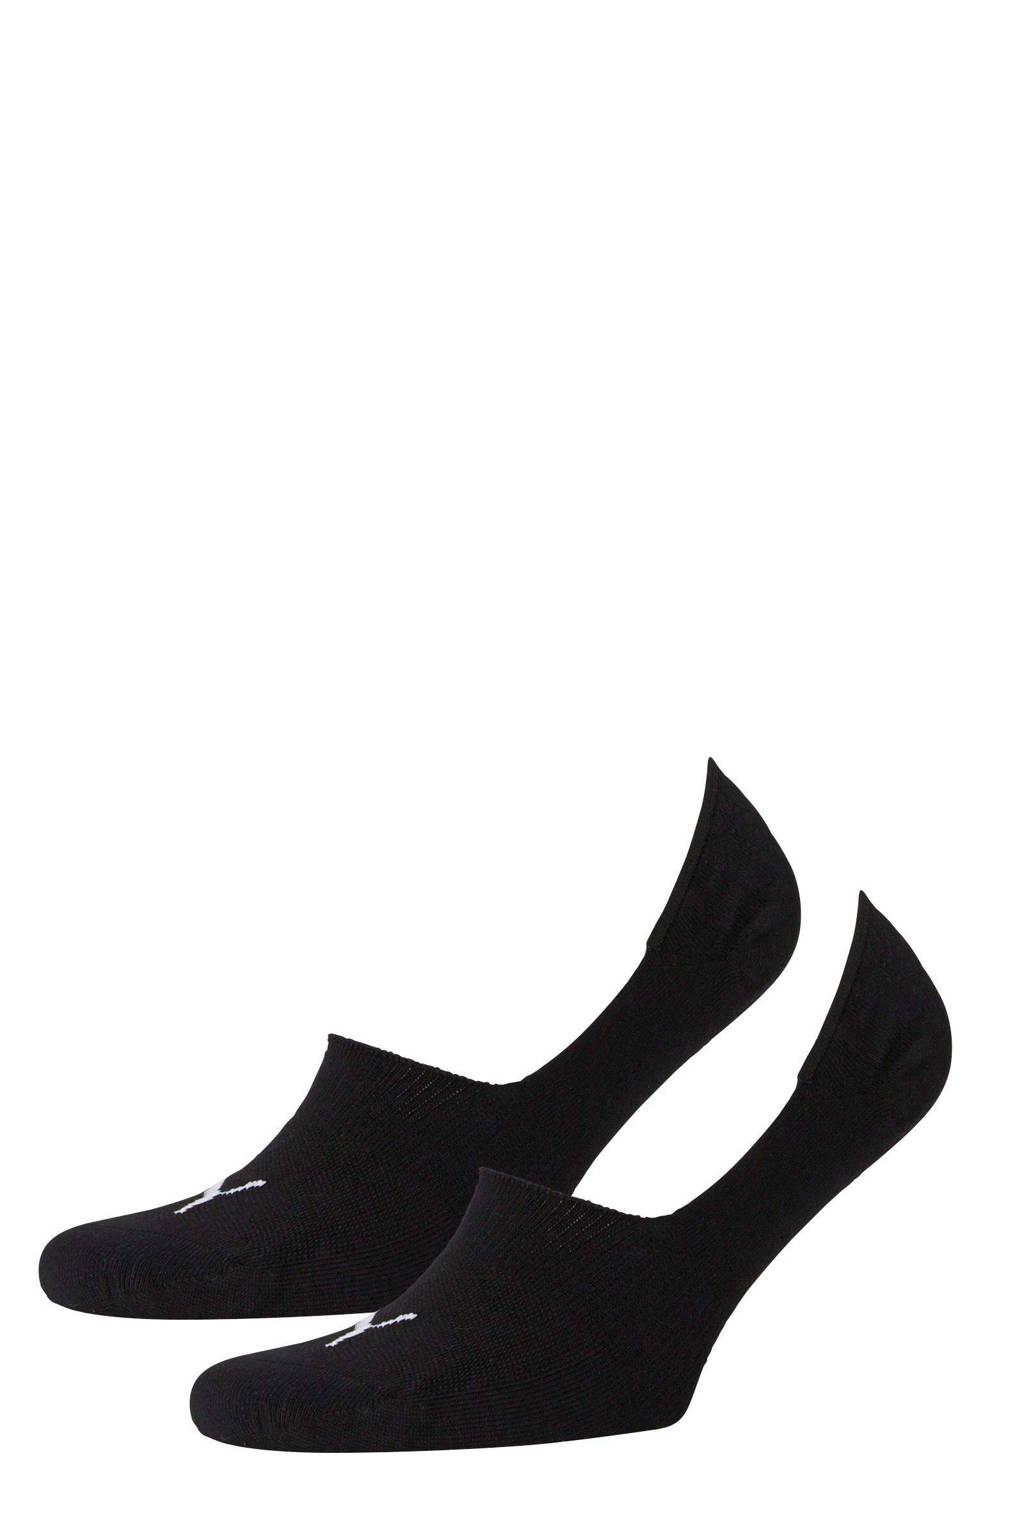 Puma sportsokken - set van 2 zwart, Zwart